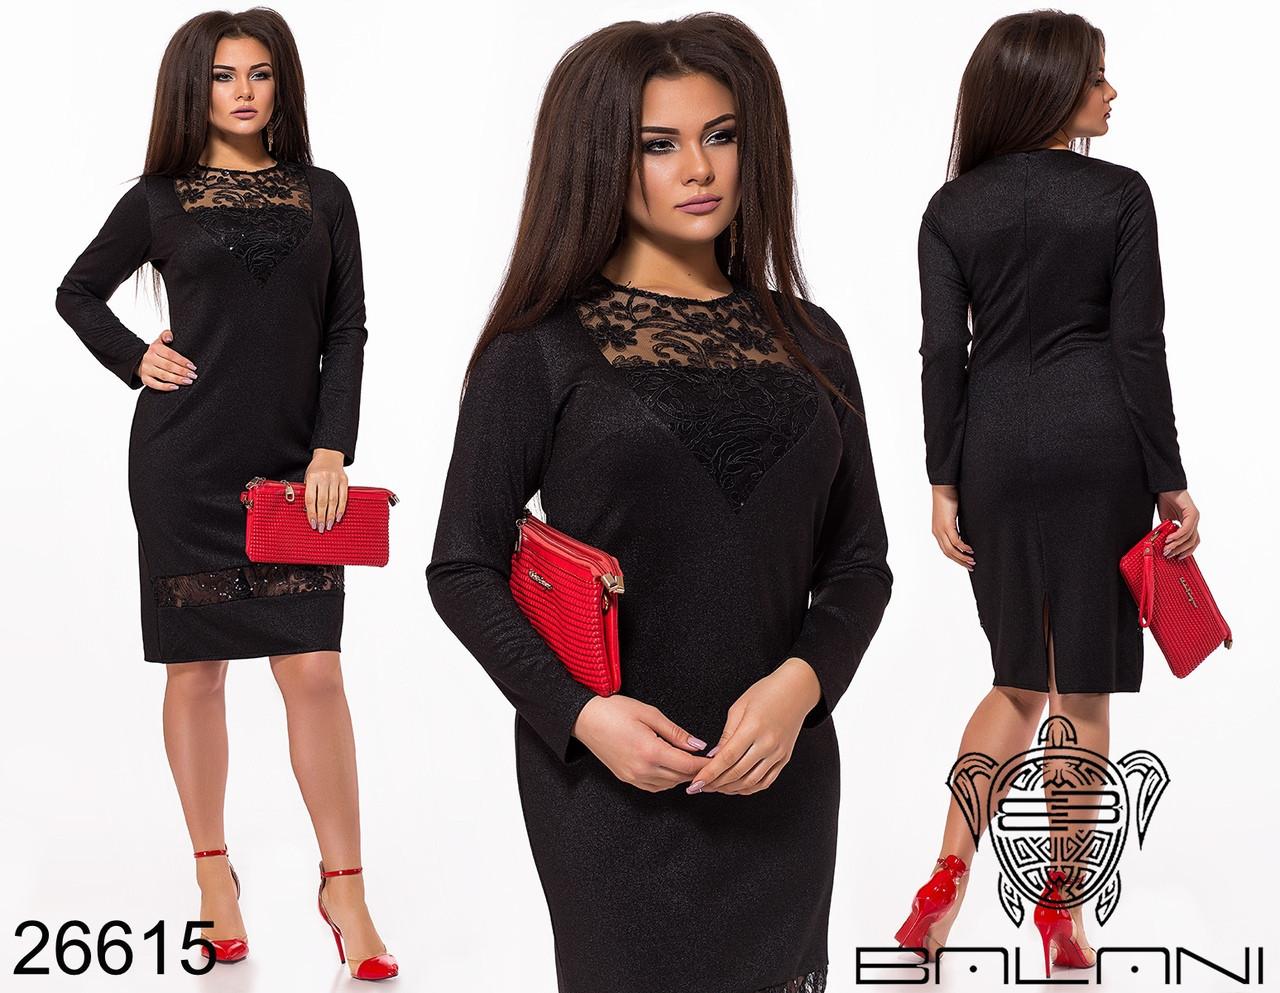 Элегантное женское платье размеры: 48-50,52-54,56-58